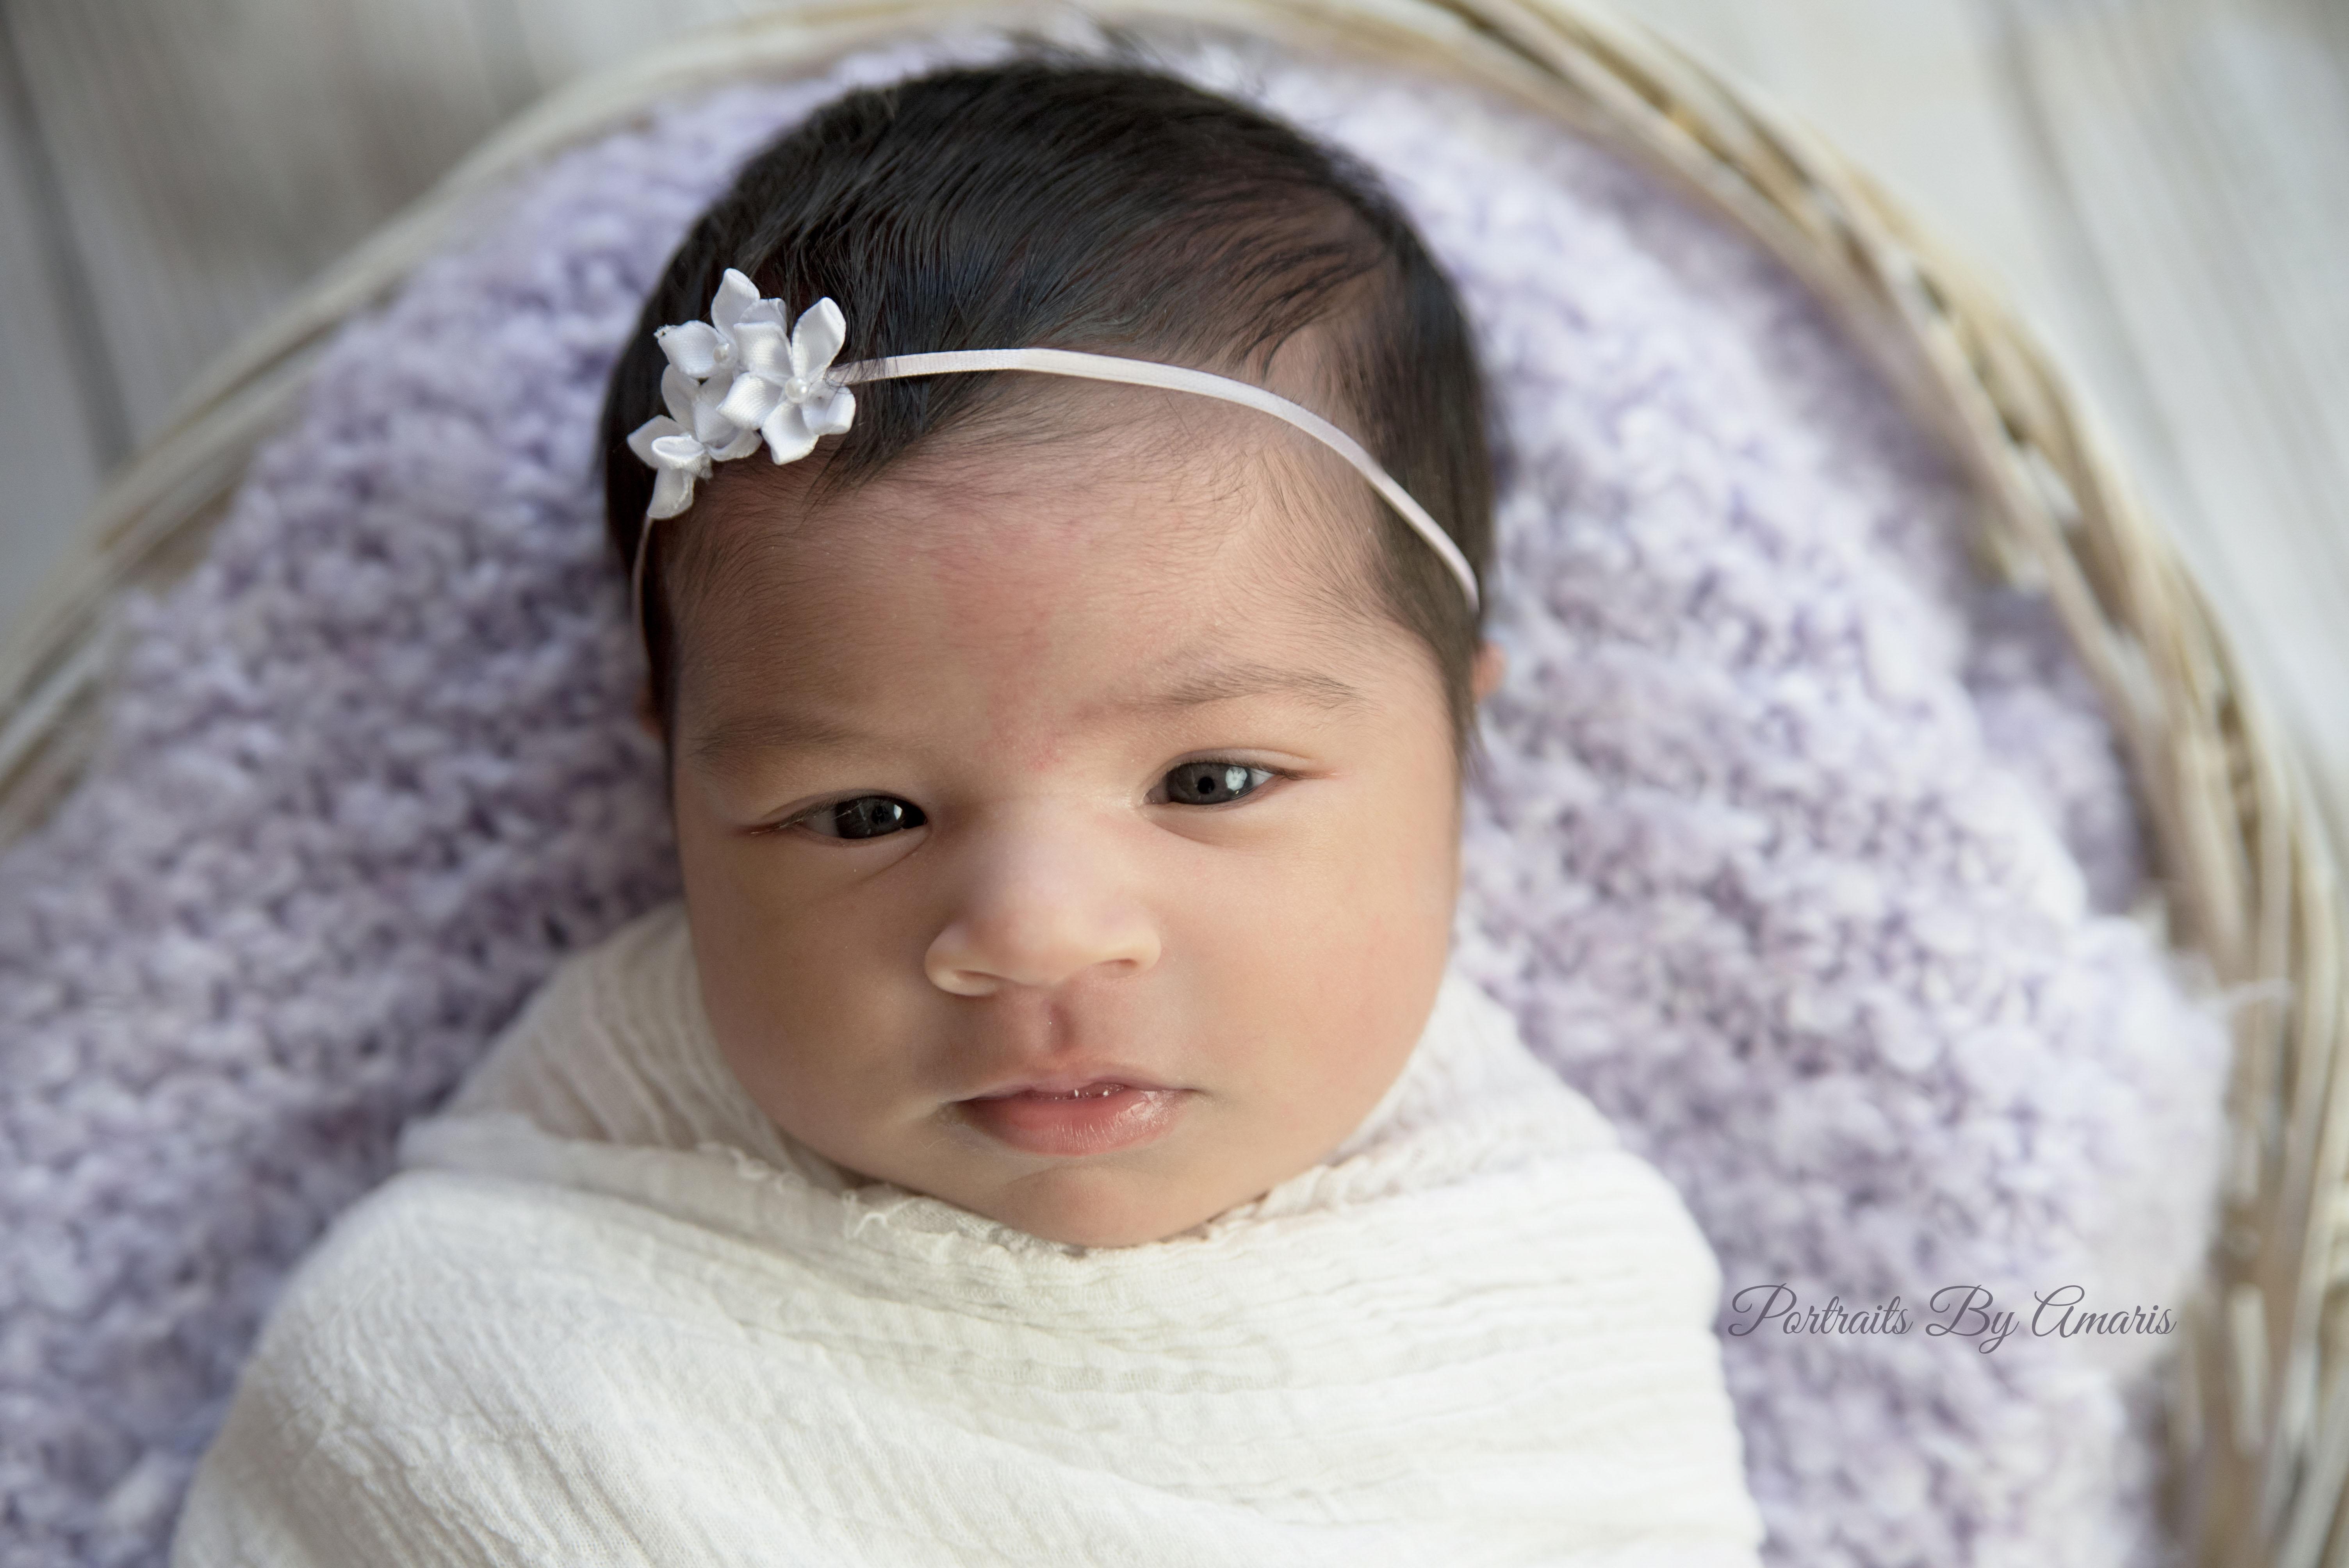 newborn-girl-purple-and-white-blanket